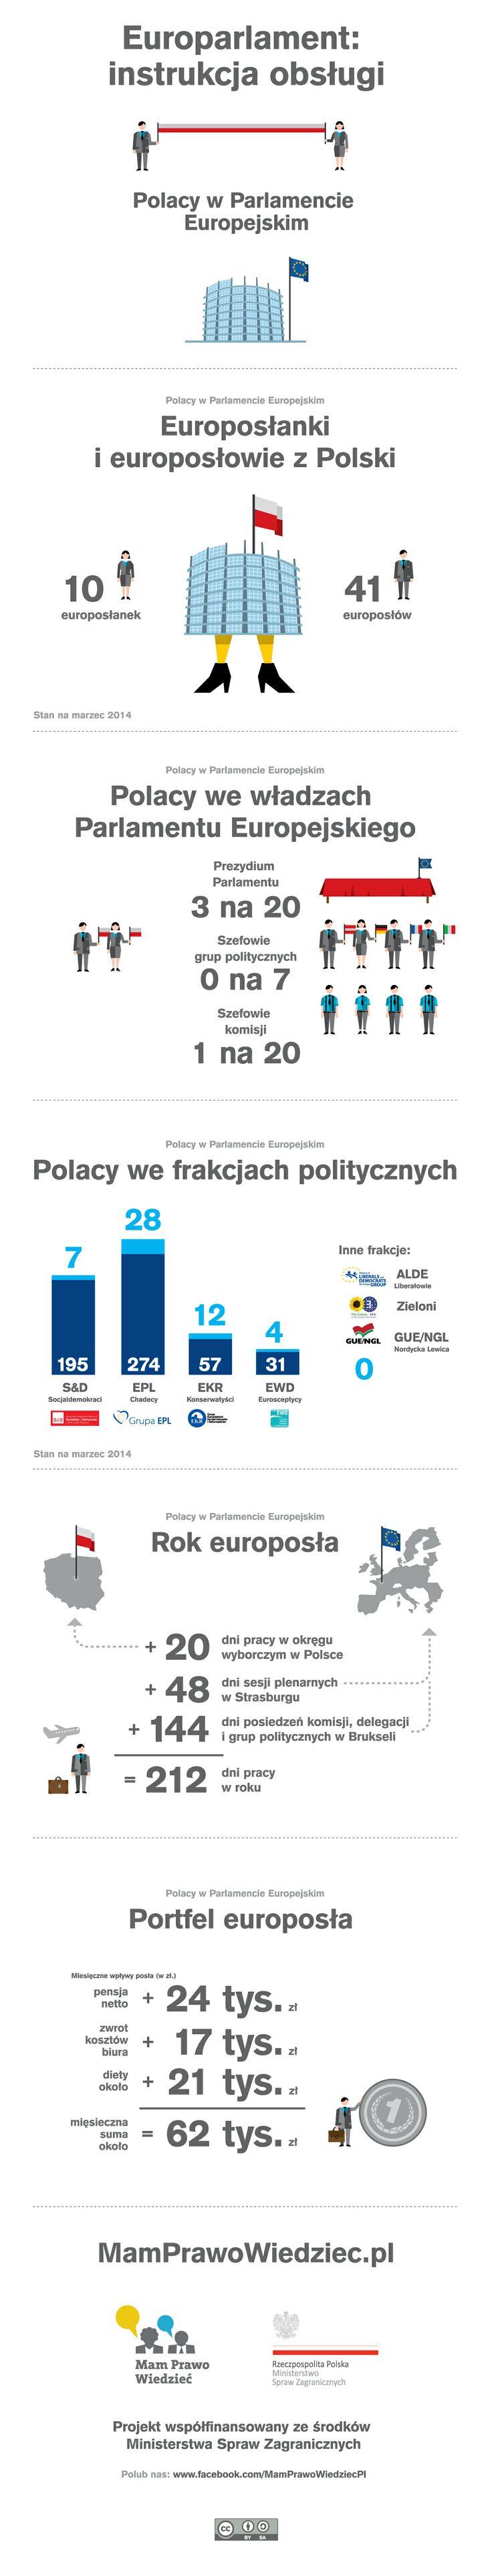 Europosłanki i europosłowie z Polski